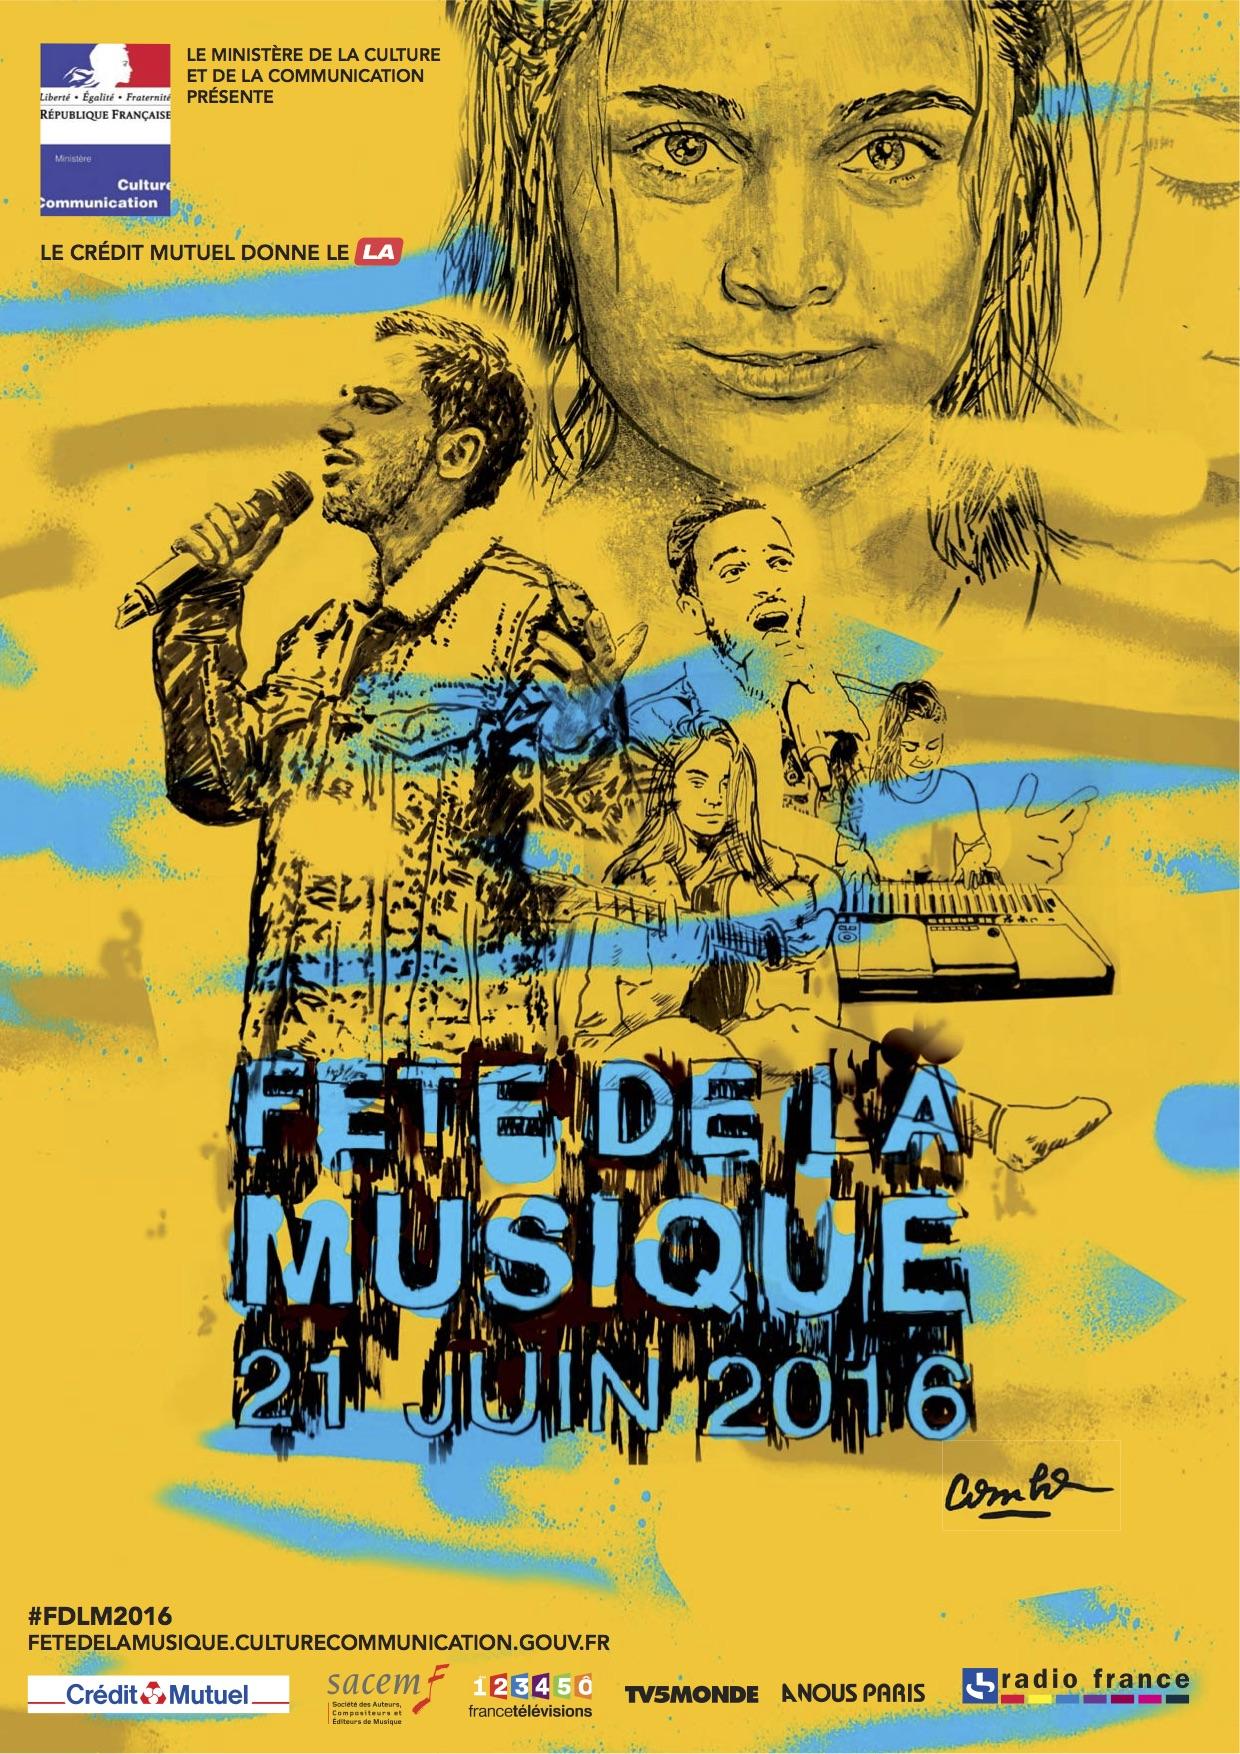 Concert Fete De La Musique 2016 : concert, musique, Fête, Musique, Toulouse, Concert, France